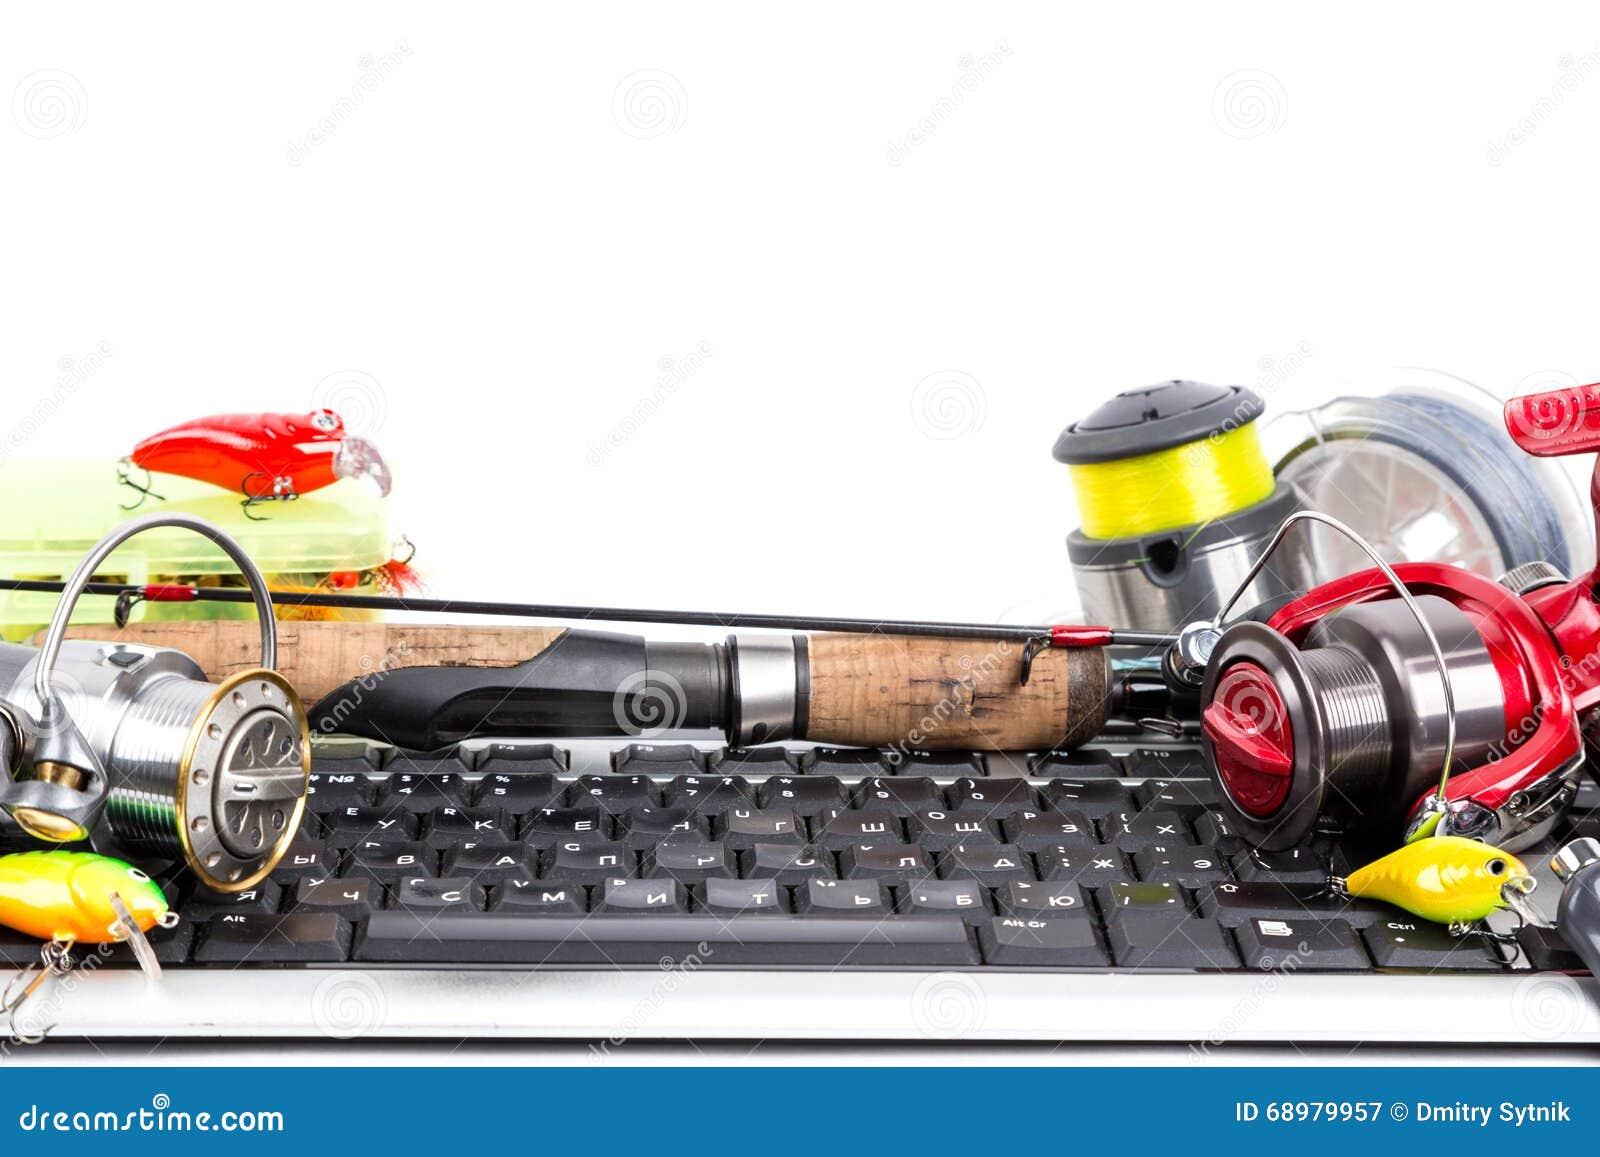 Aparejos de pesca en el teclado de ordenador